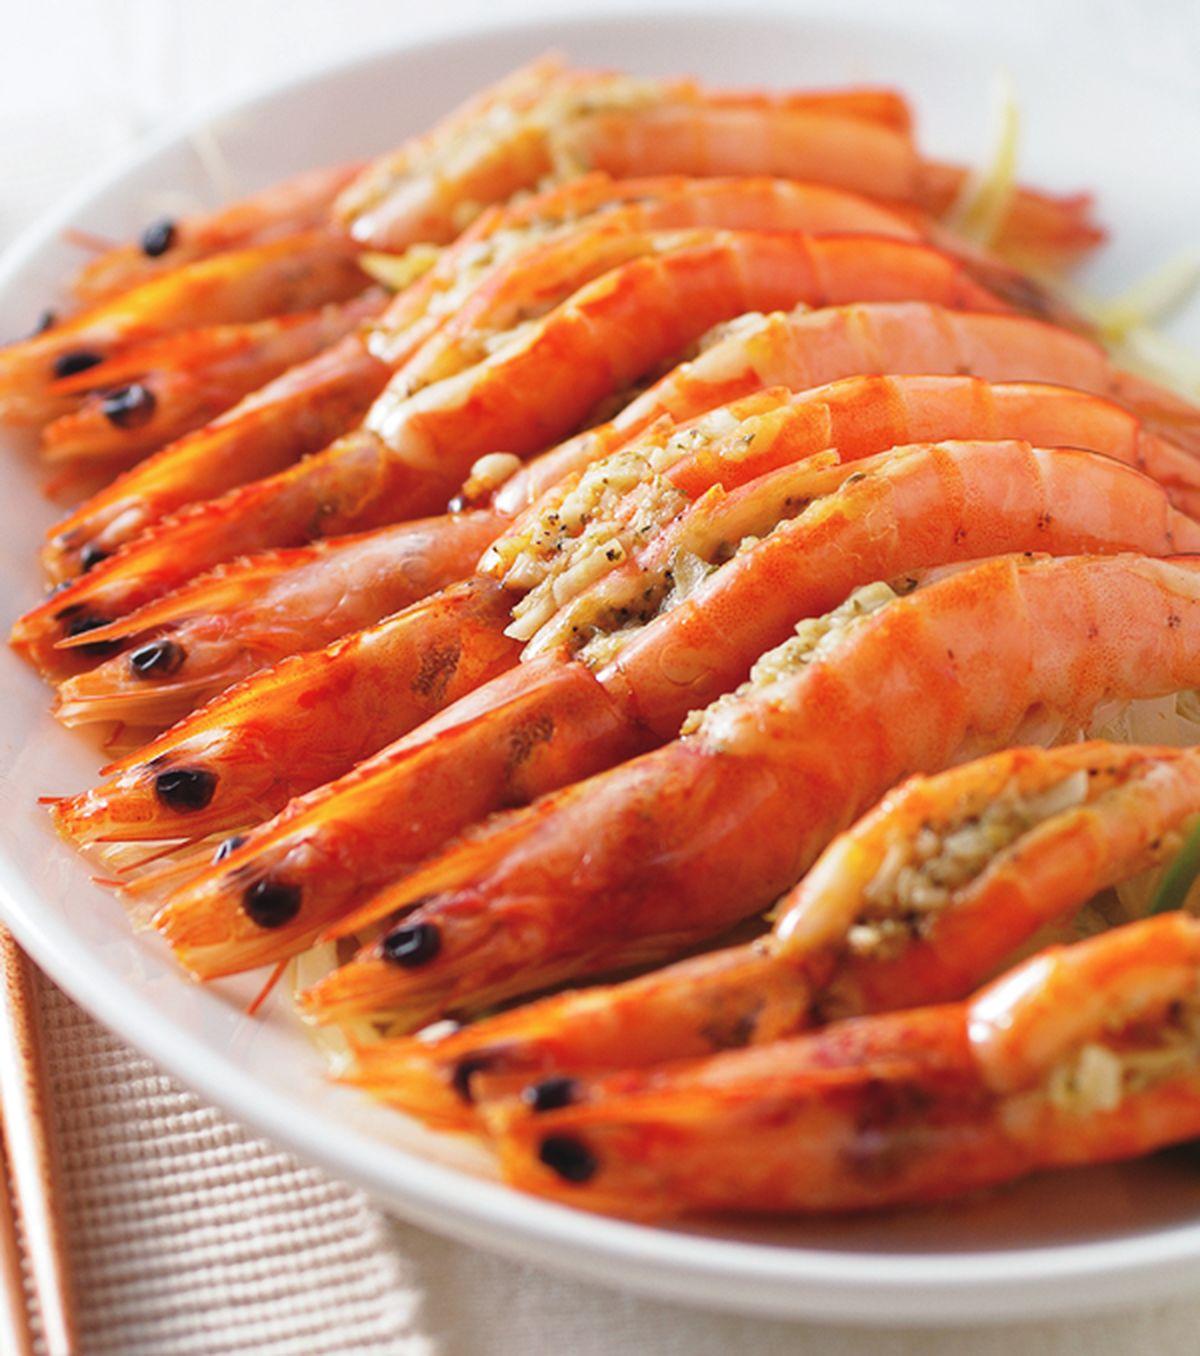 食譜:奶油蒜泥蒸鮮蝦